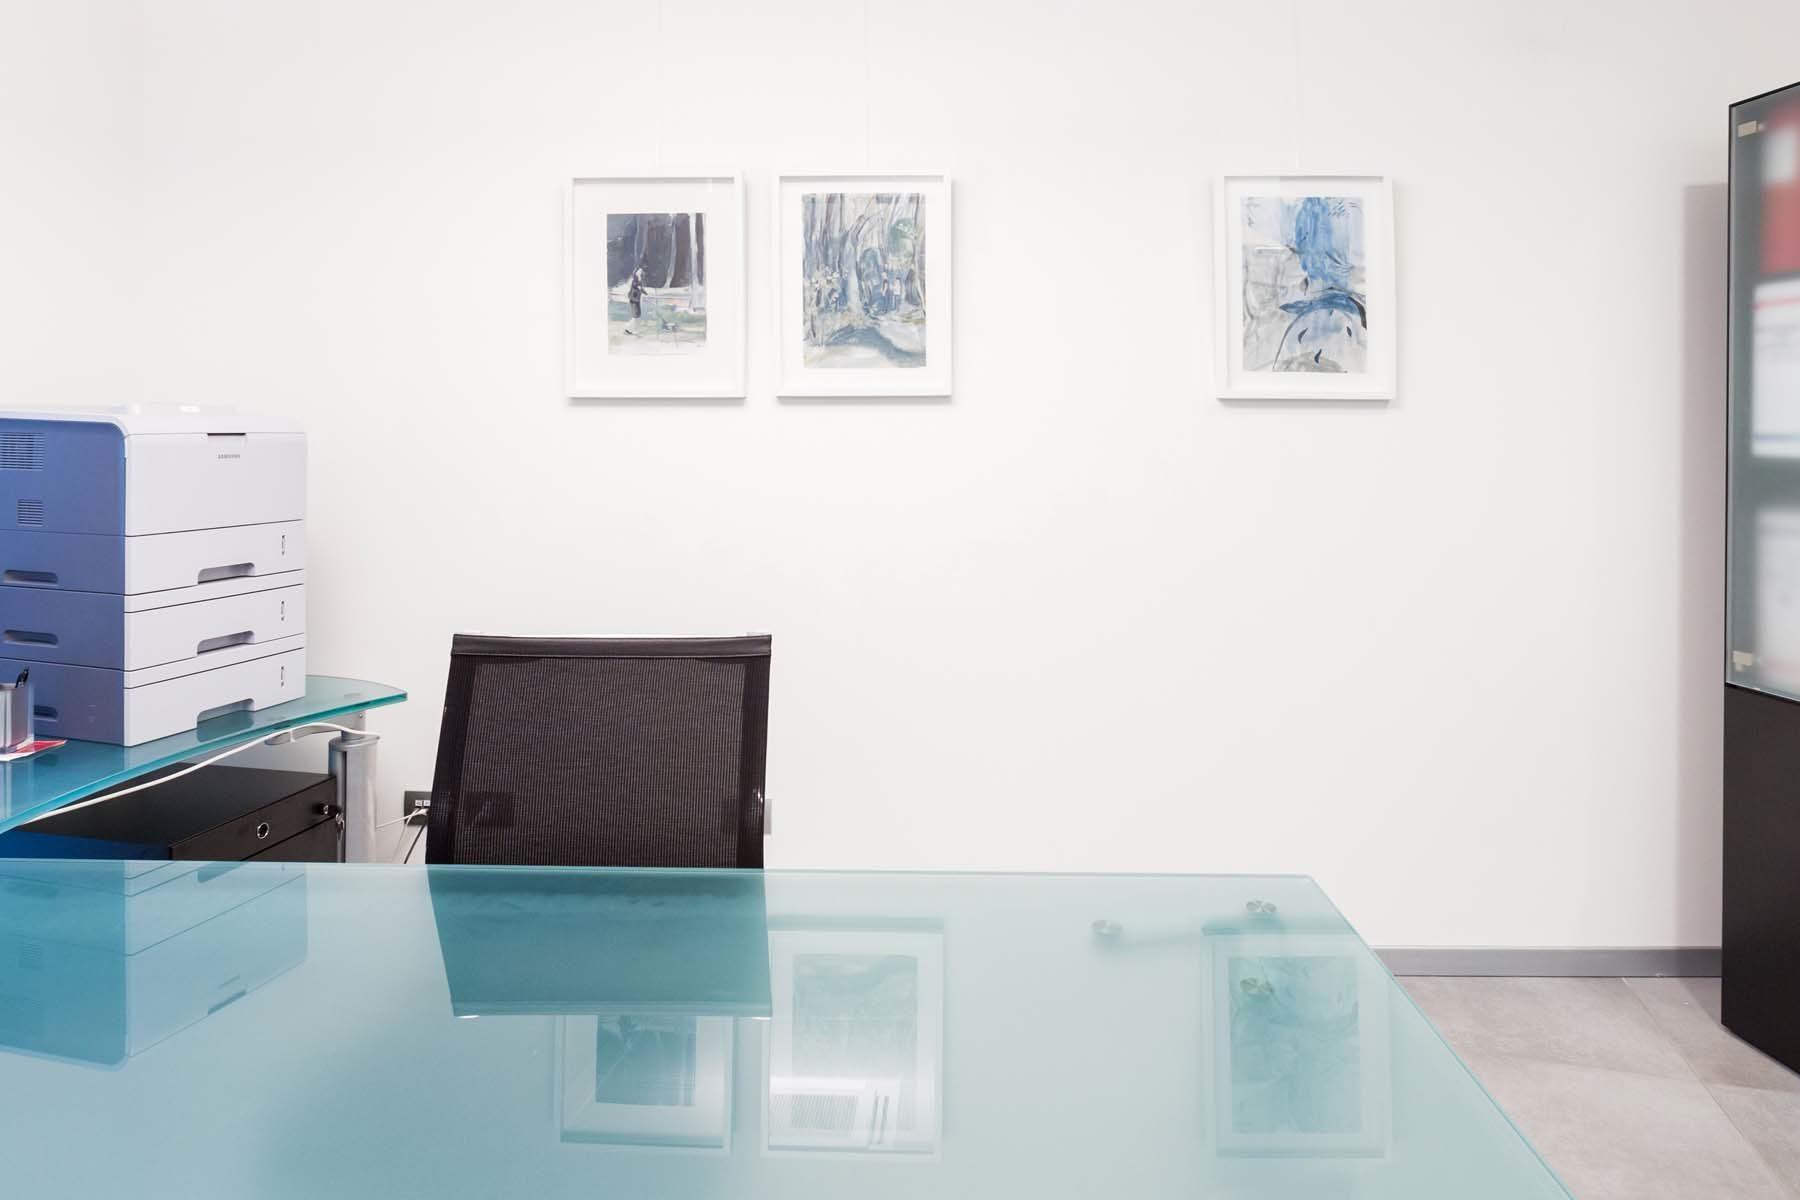 25. Raffaele Santillo, Pitture in attesa, vista della mostra, Ag. Generali, Pordenone, ph. N. Covre